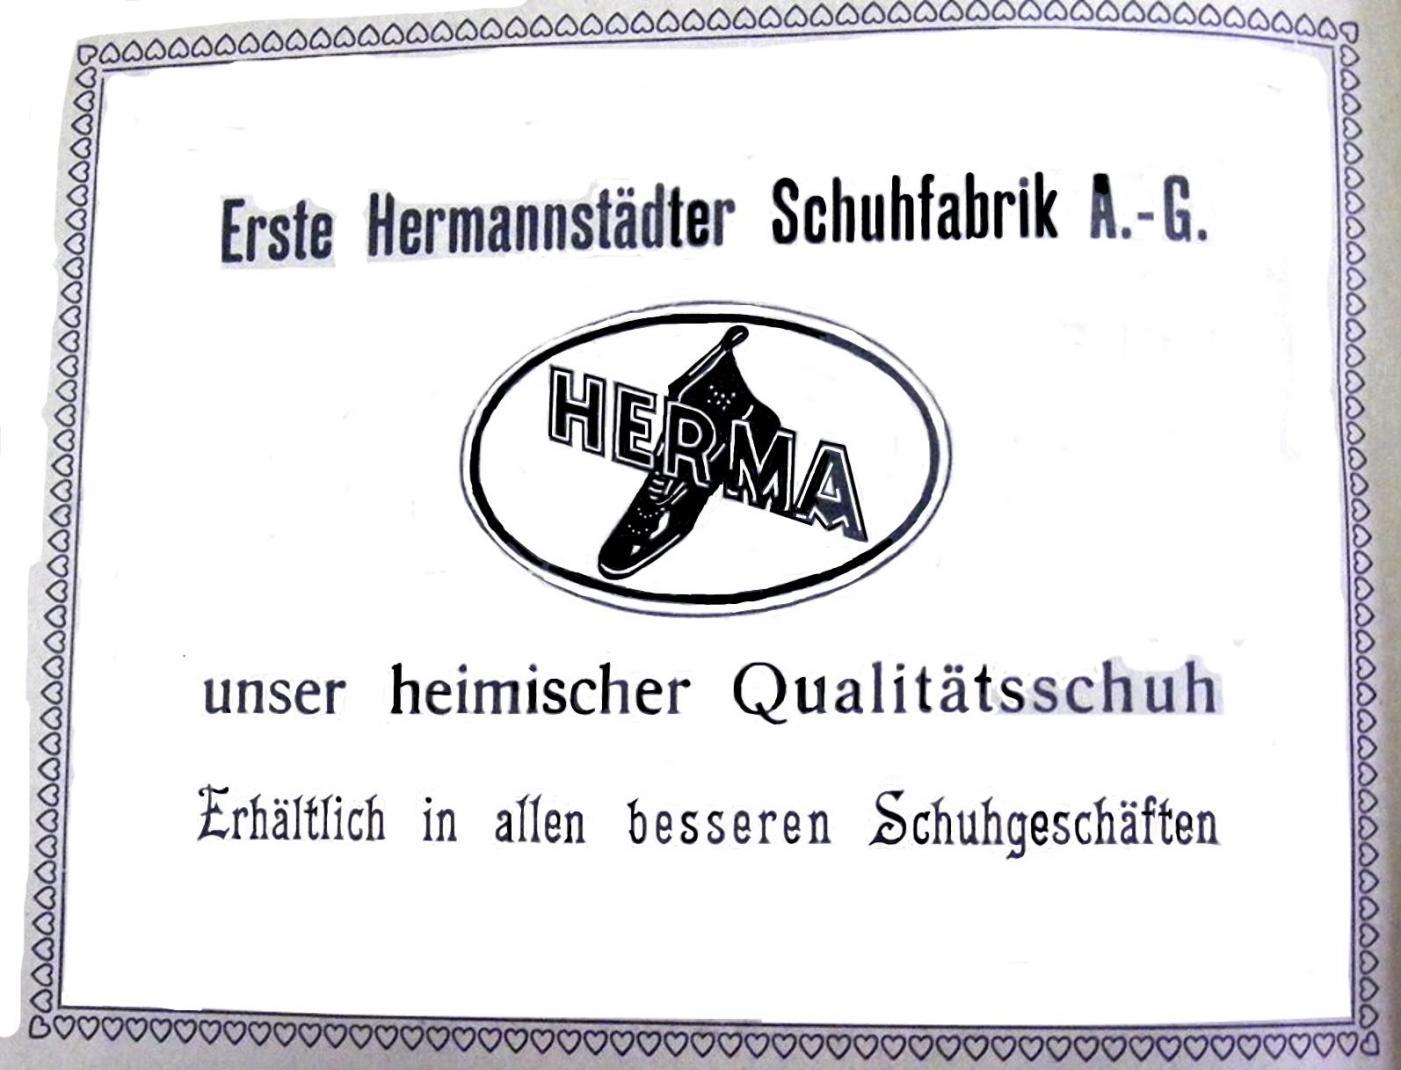 Herma Schuhe 2.jpg